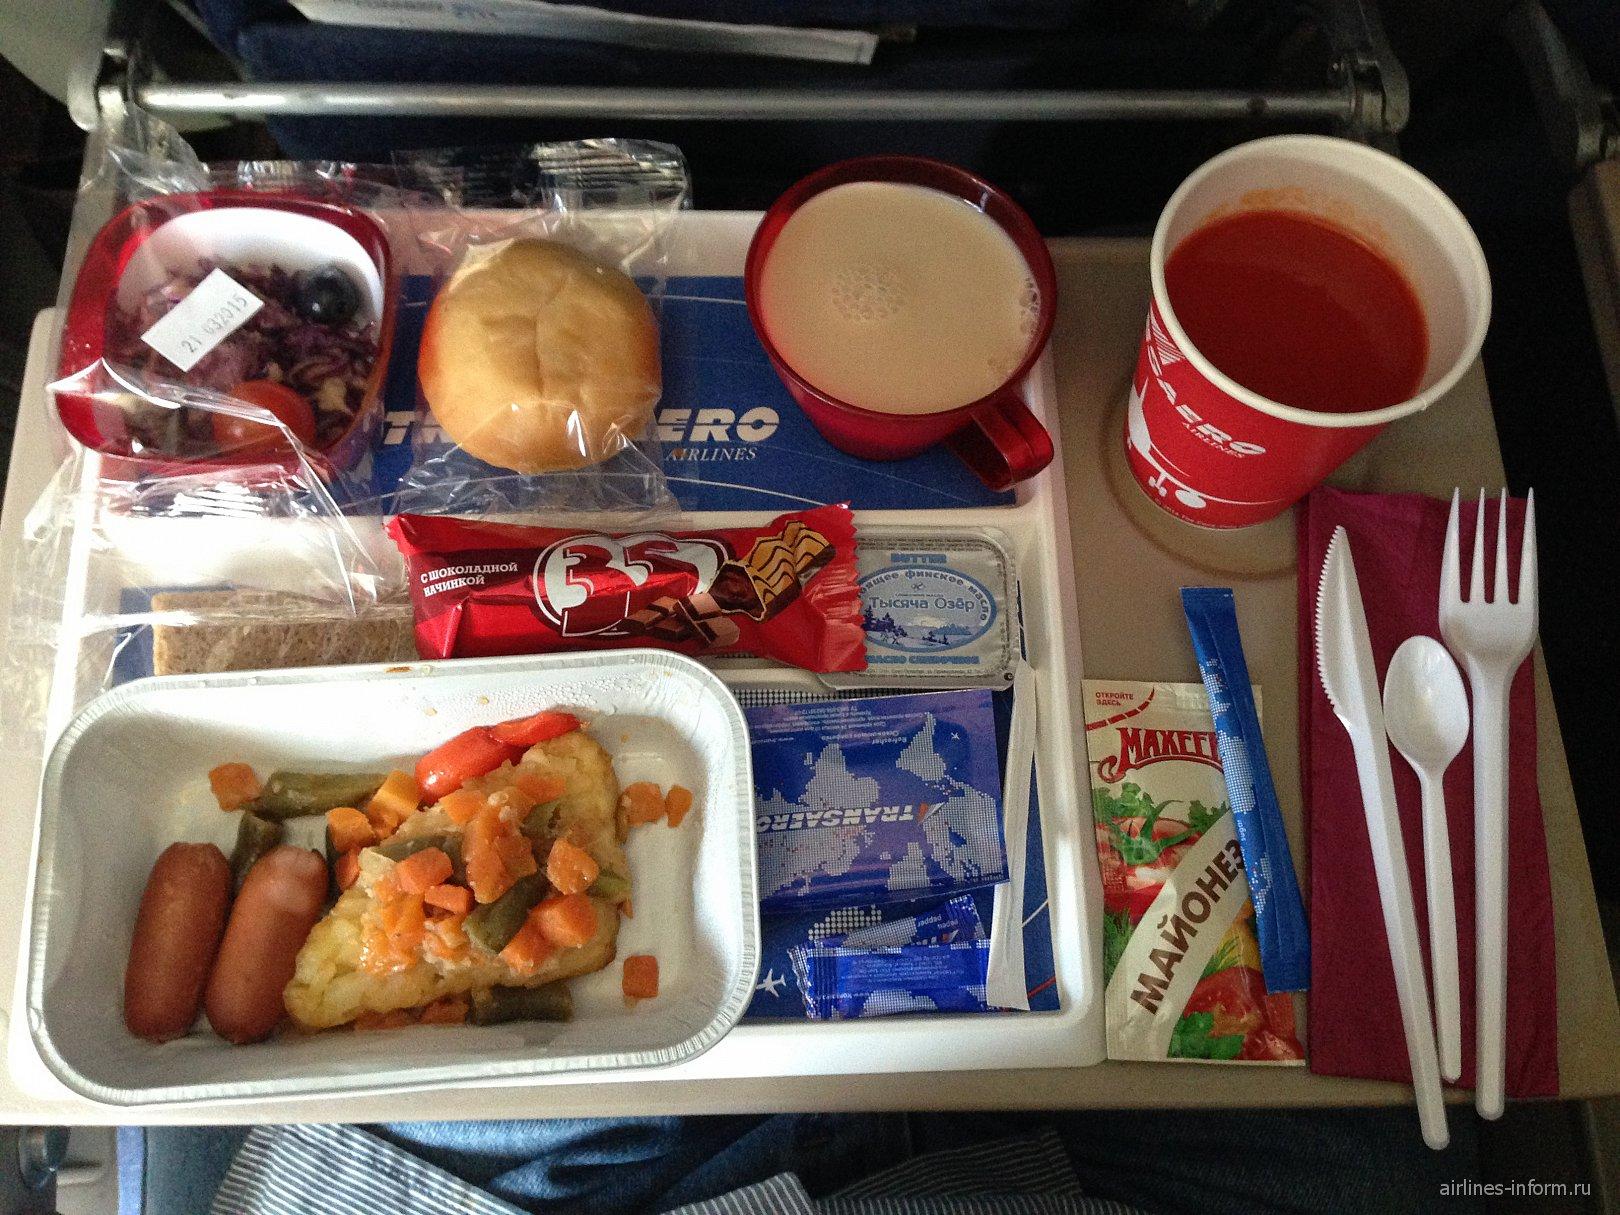 Бортпитание на рейсе Москва - Пунта-Кана авиакомпании